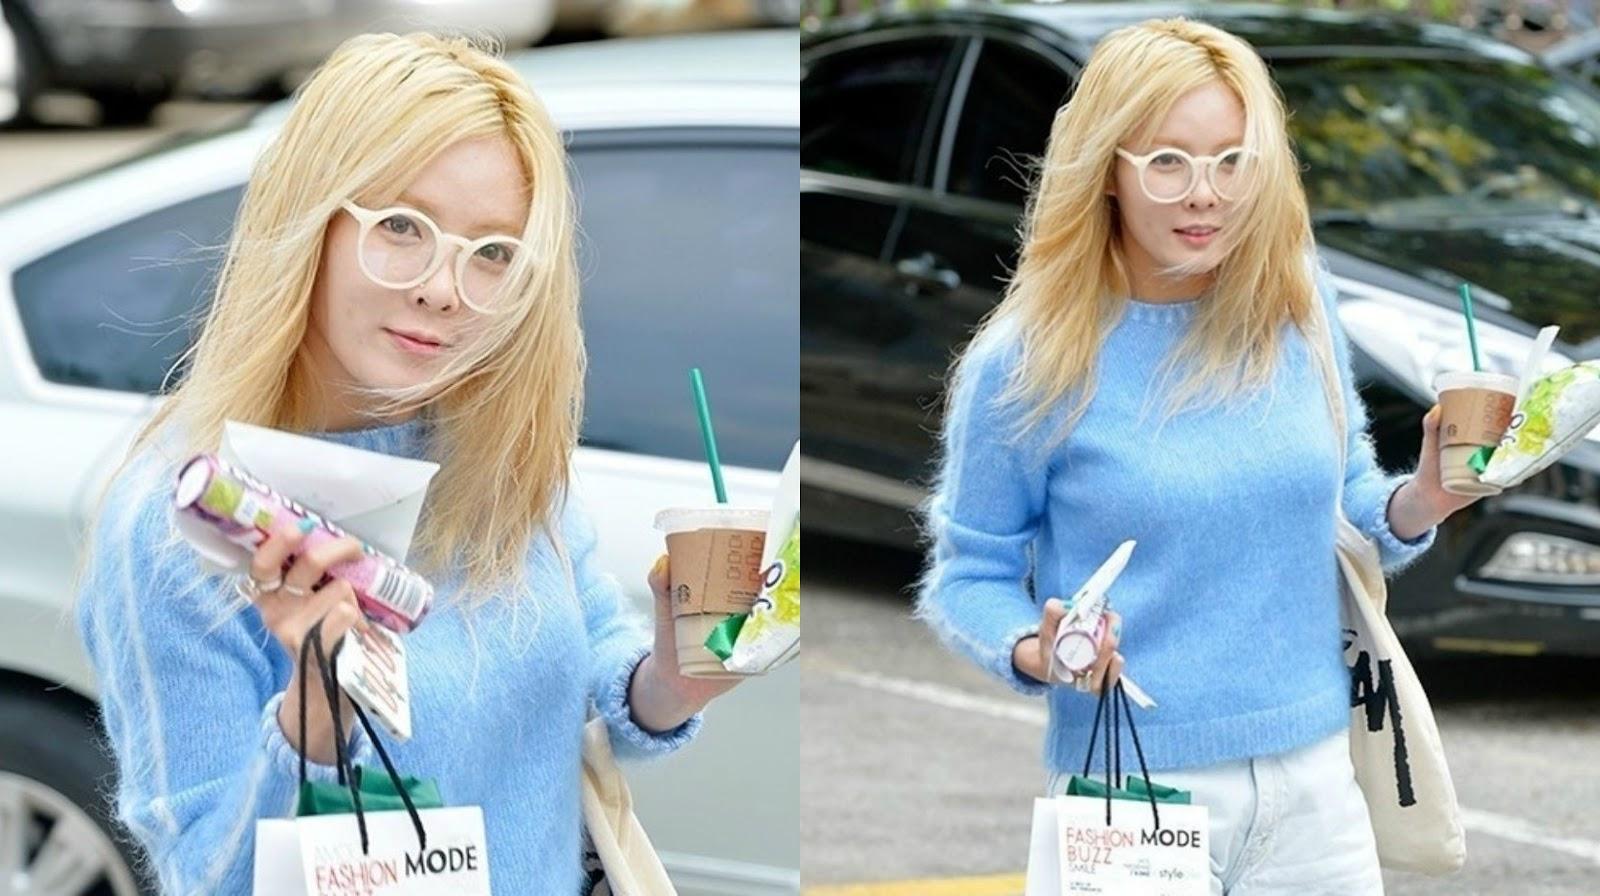 Hyuna Without Makeup